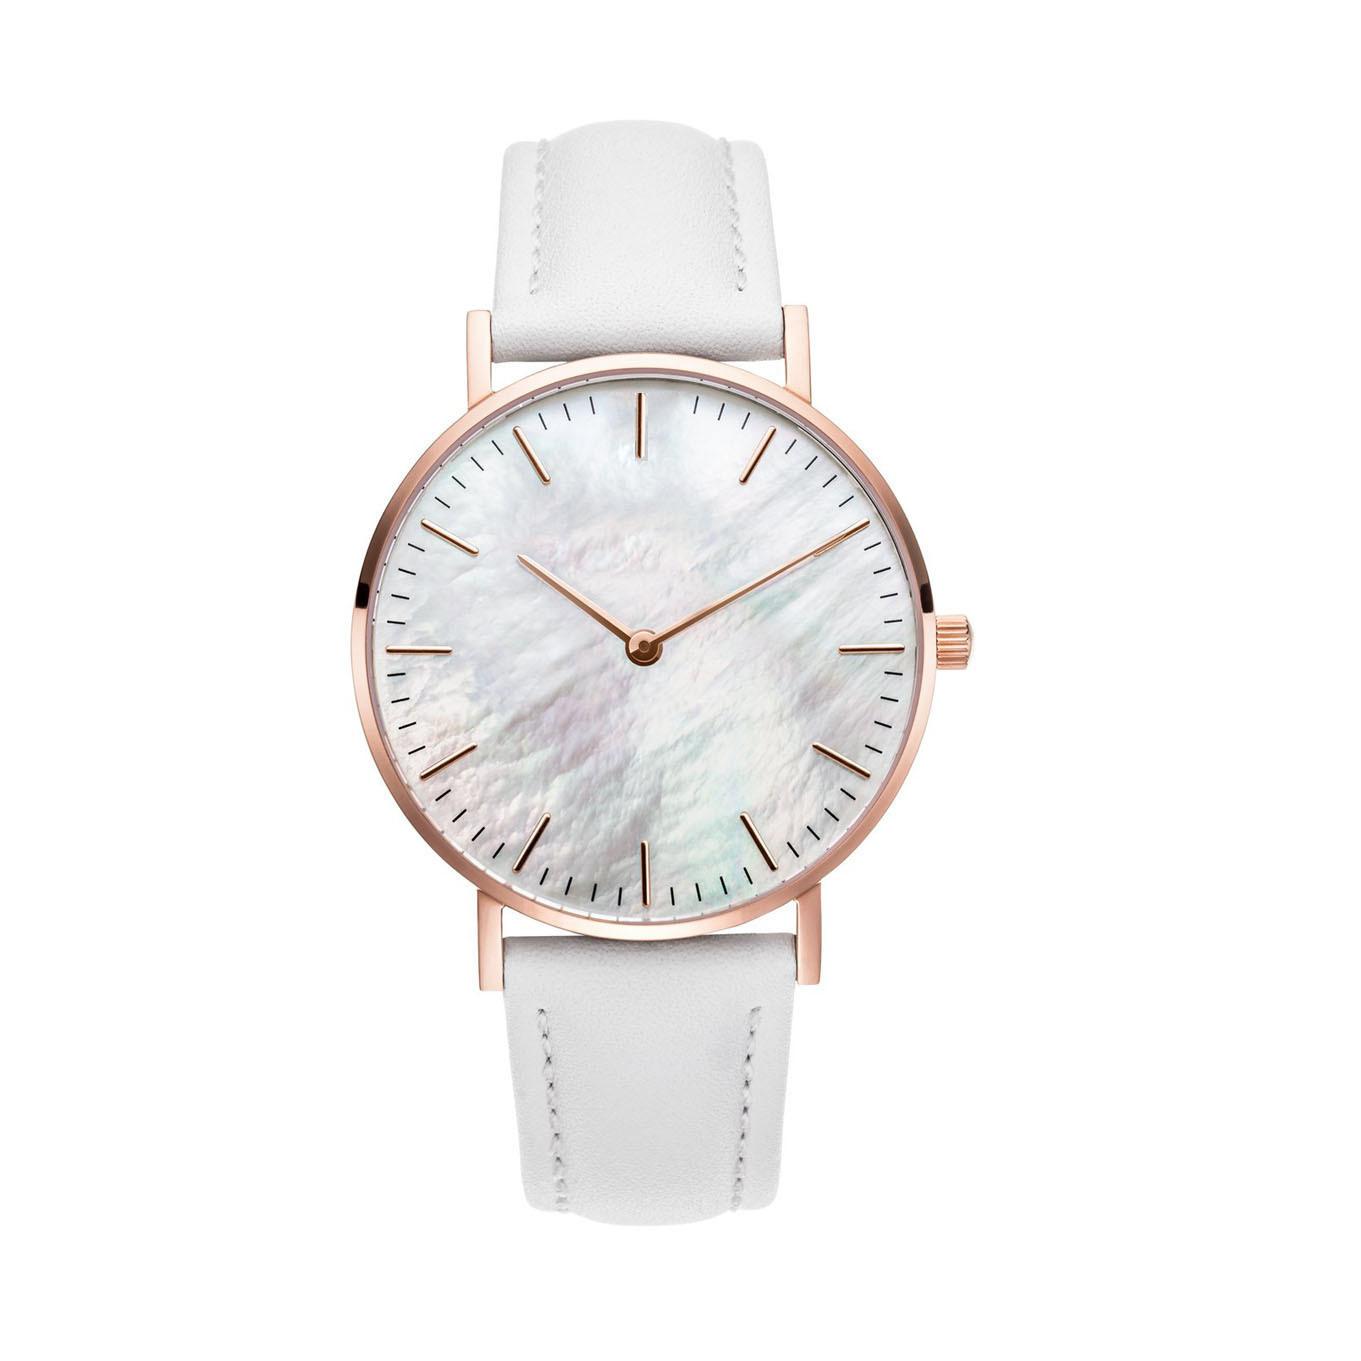 深圳高仿沛纳海手表多少钱,外贸热销WISH畅销款女士手表